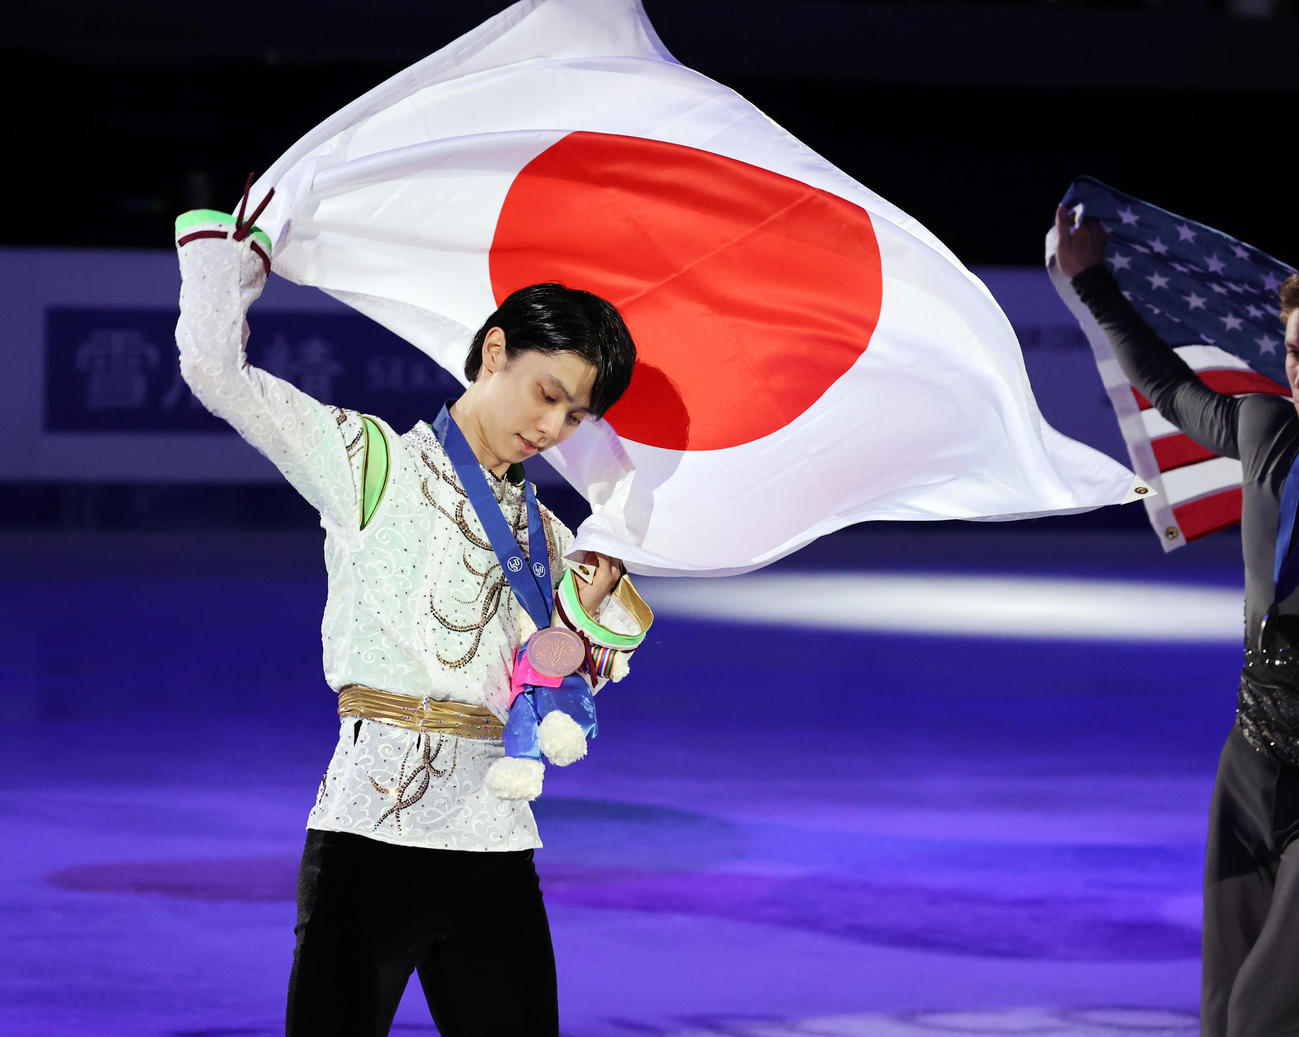 20年2月、フィギュアスケート4大陸選手権 初優勝の羽生結弦